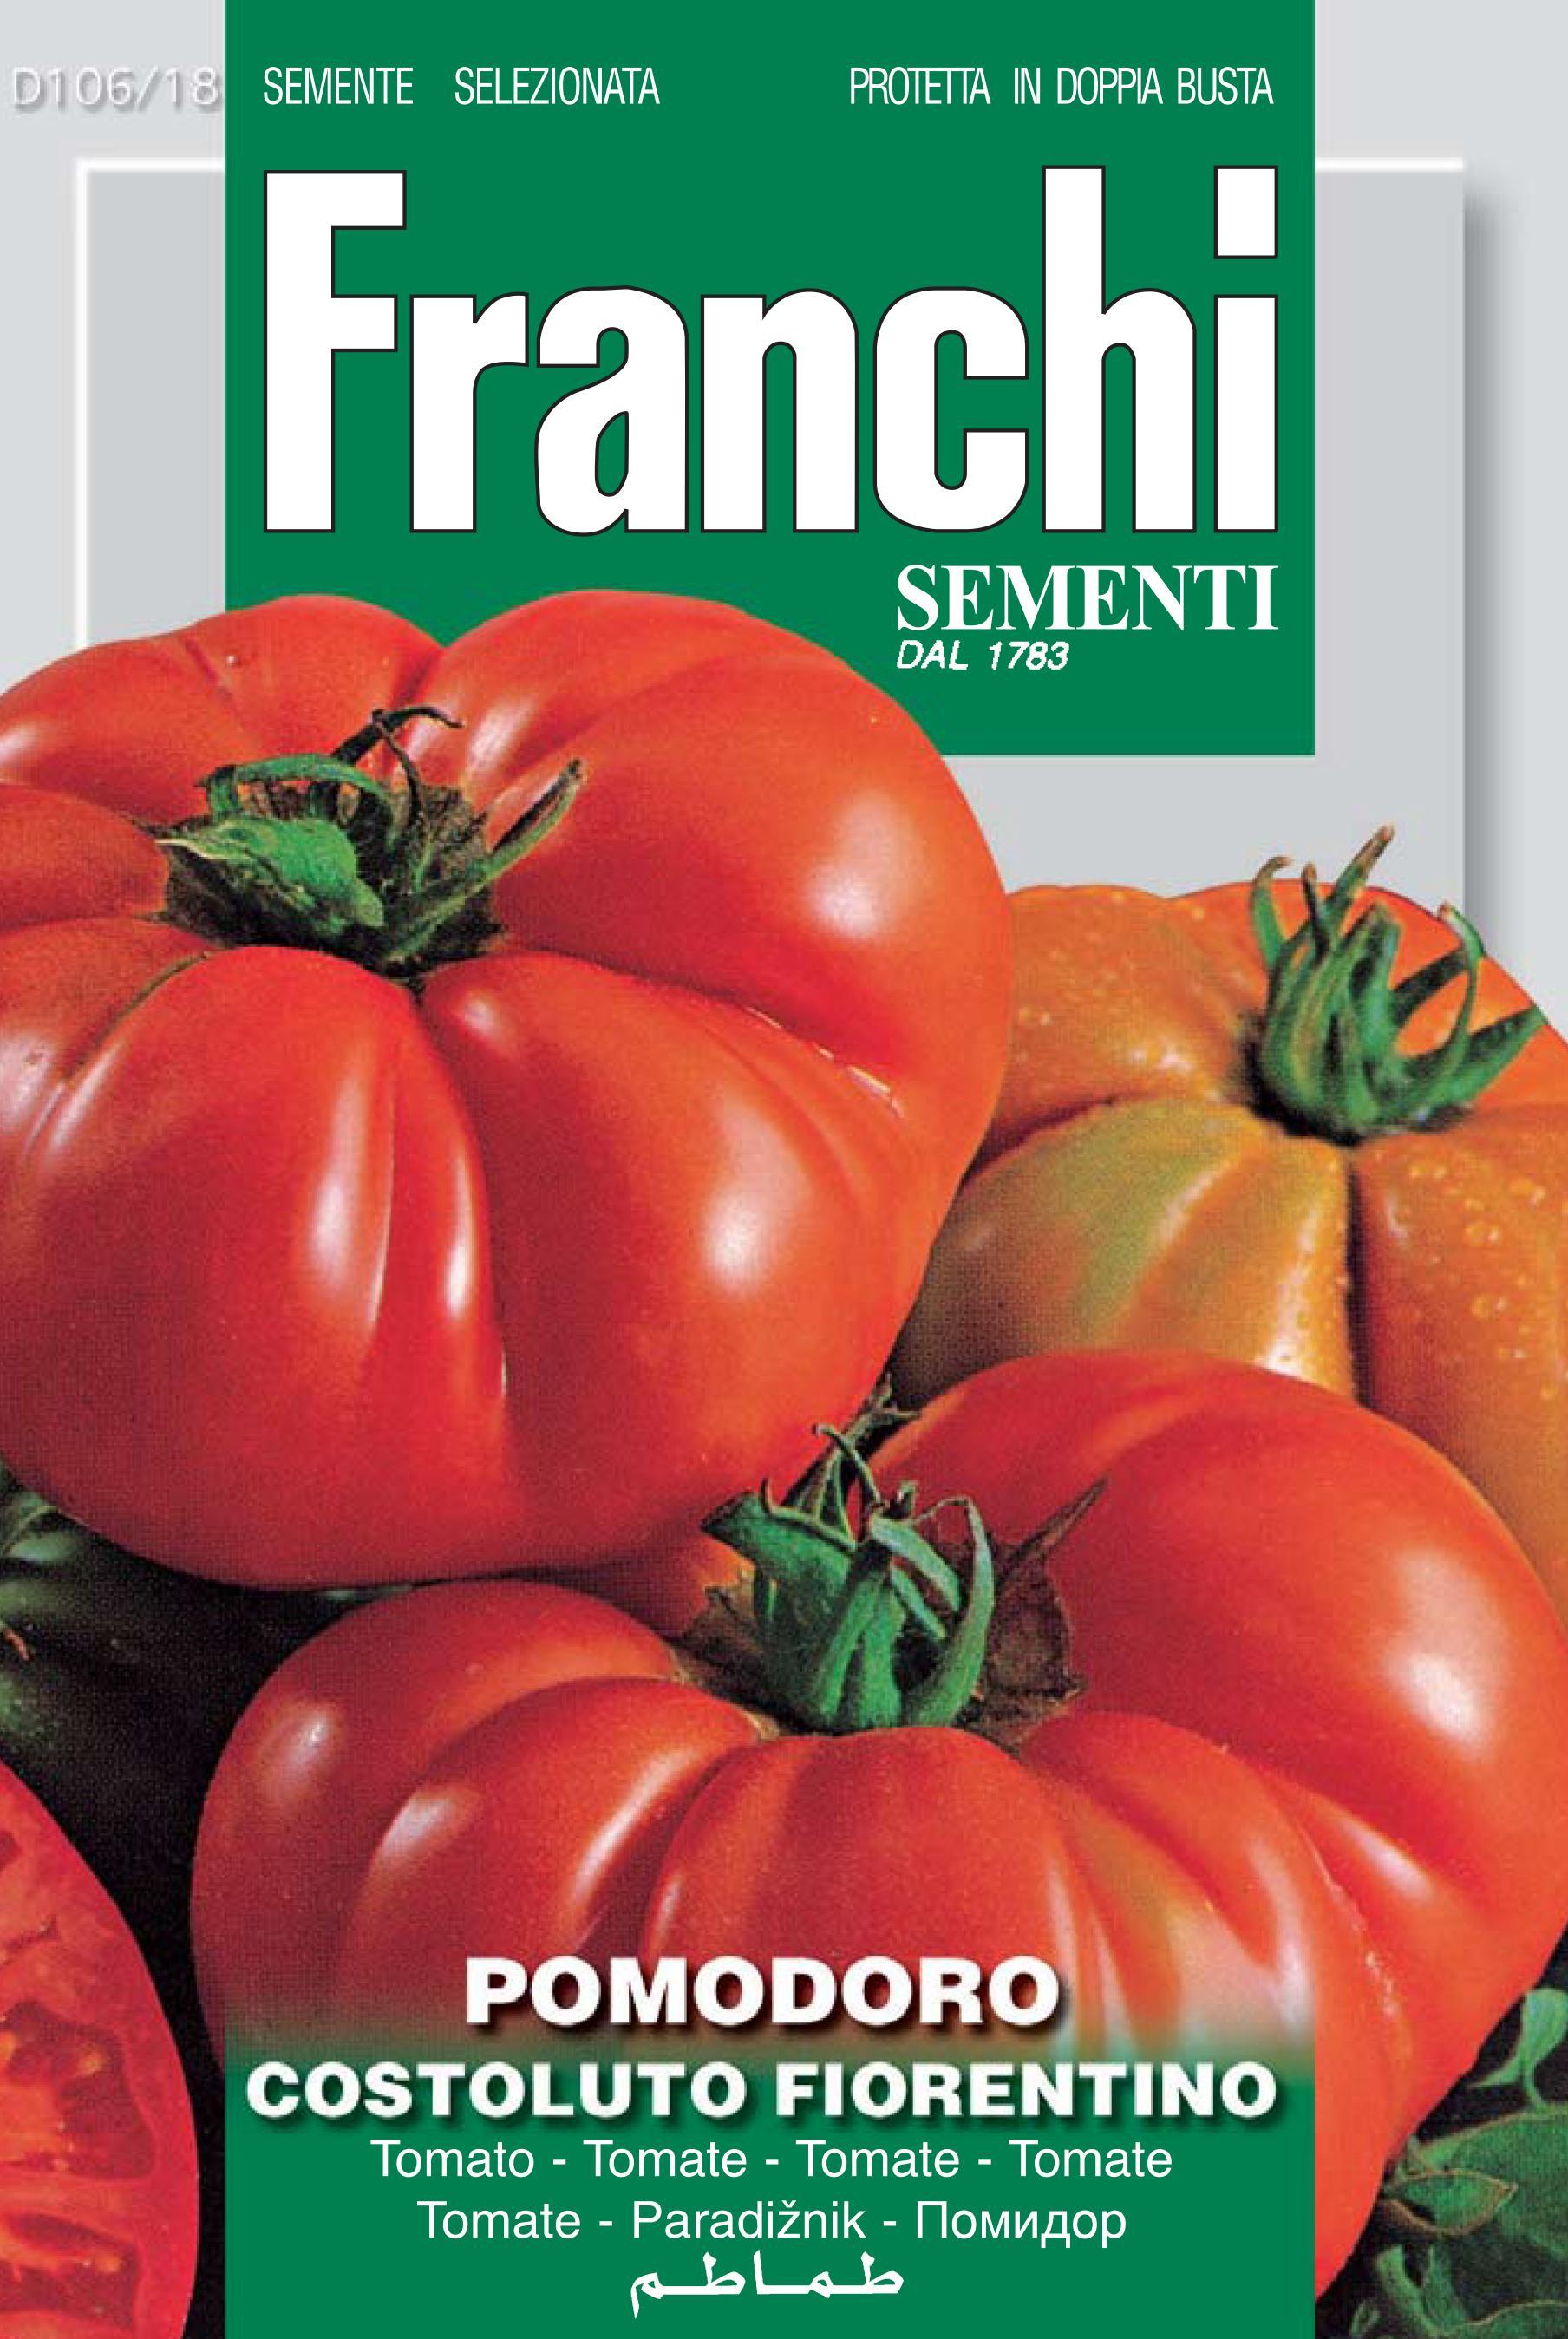 Tomto Costoluto Fiorentino (A) Solanum Lycopersicum L.